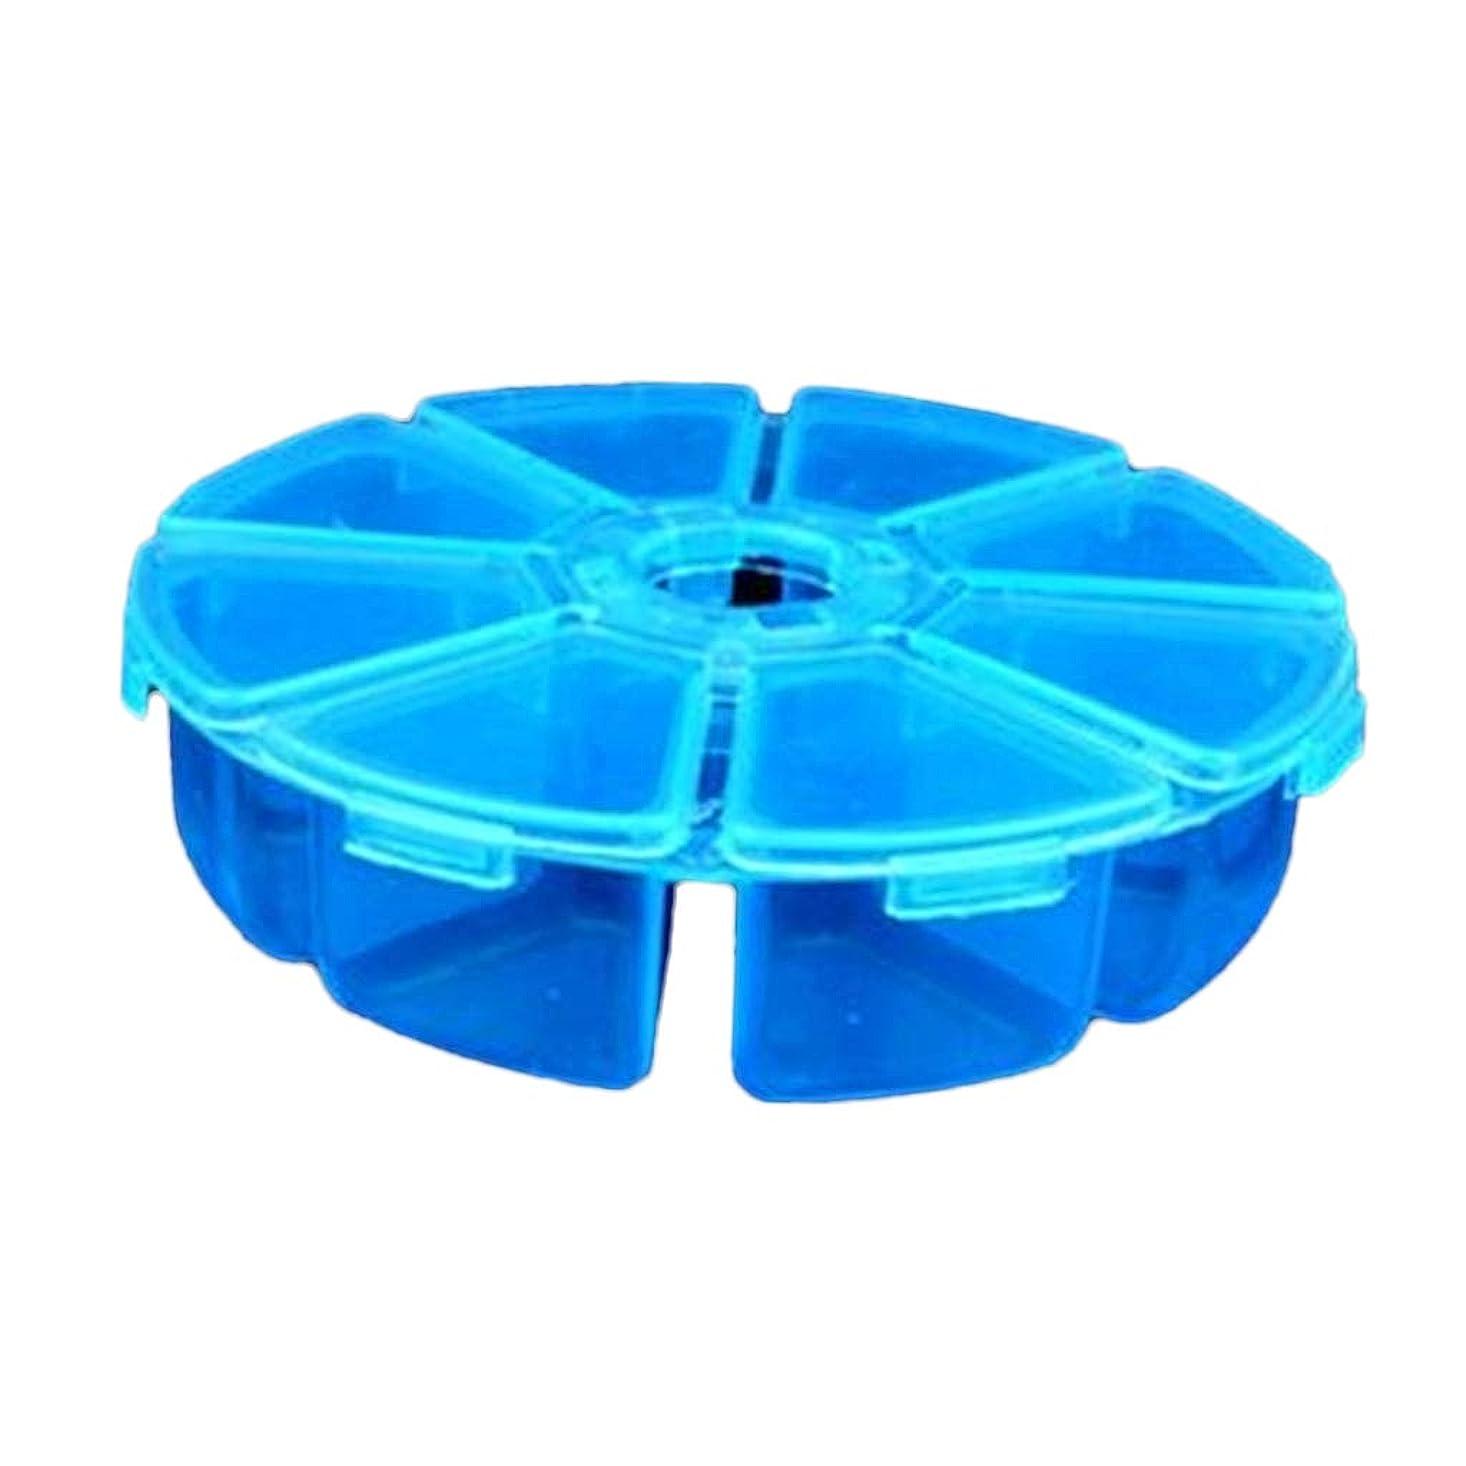 スロベニアダム蛇行DYNWAVE ネイルアート オーガナイザー 収納 ボックス 8コンパートメント 仕切り プラスチック 全4色 - ブルー